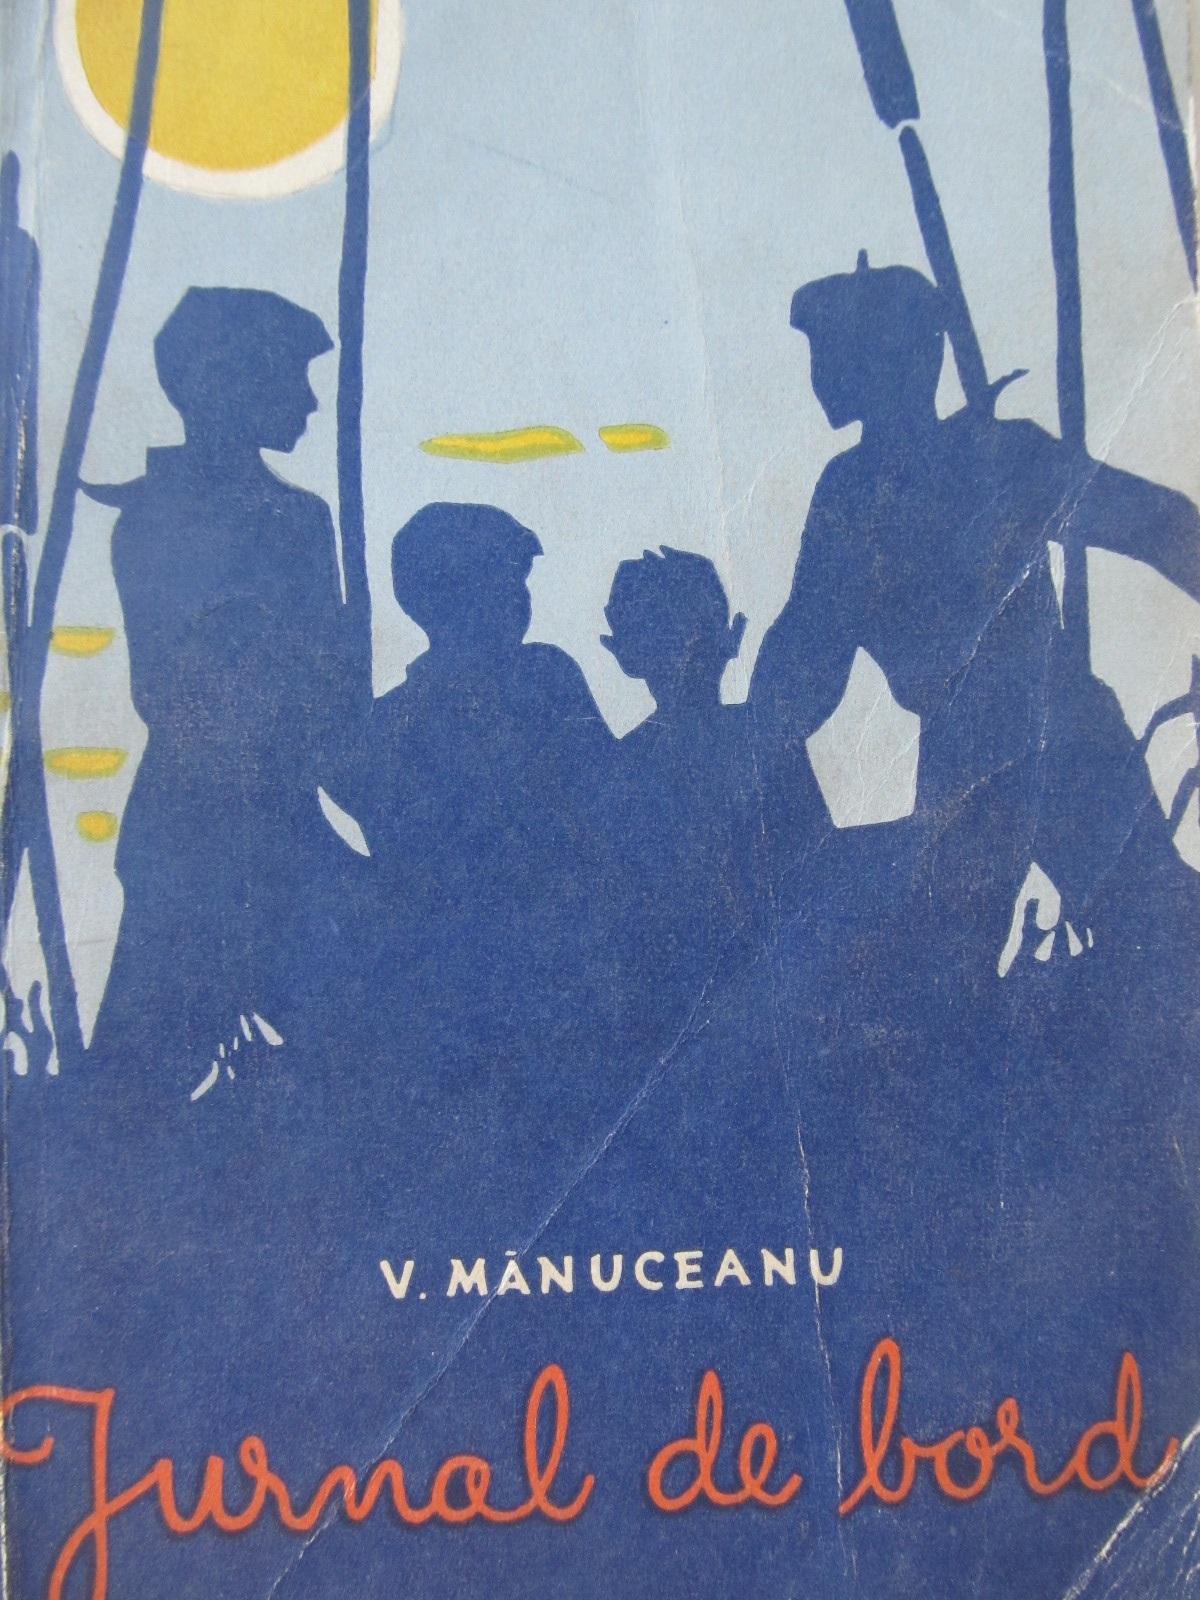 Jurnal de bord - V. Manuceanu | Detalii carte